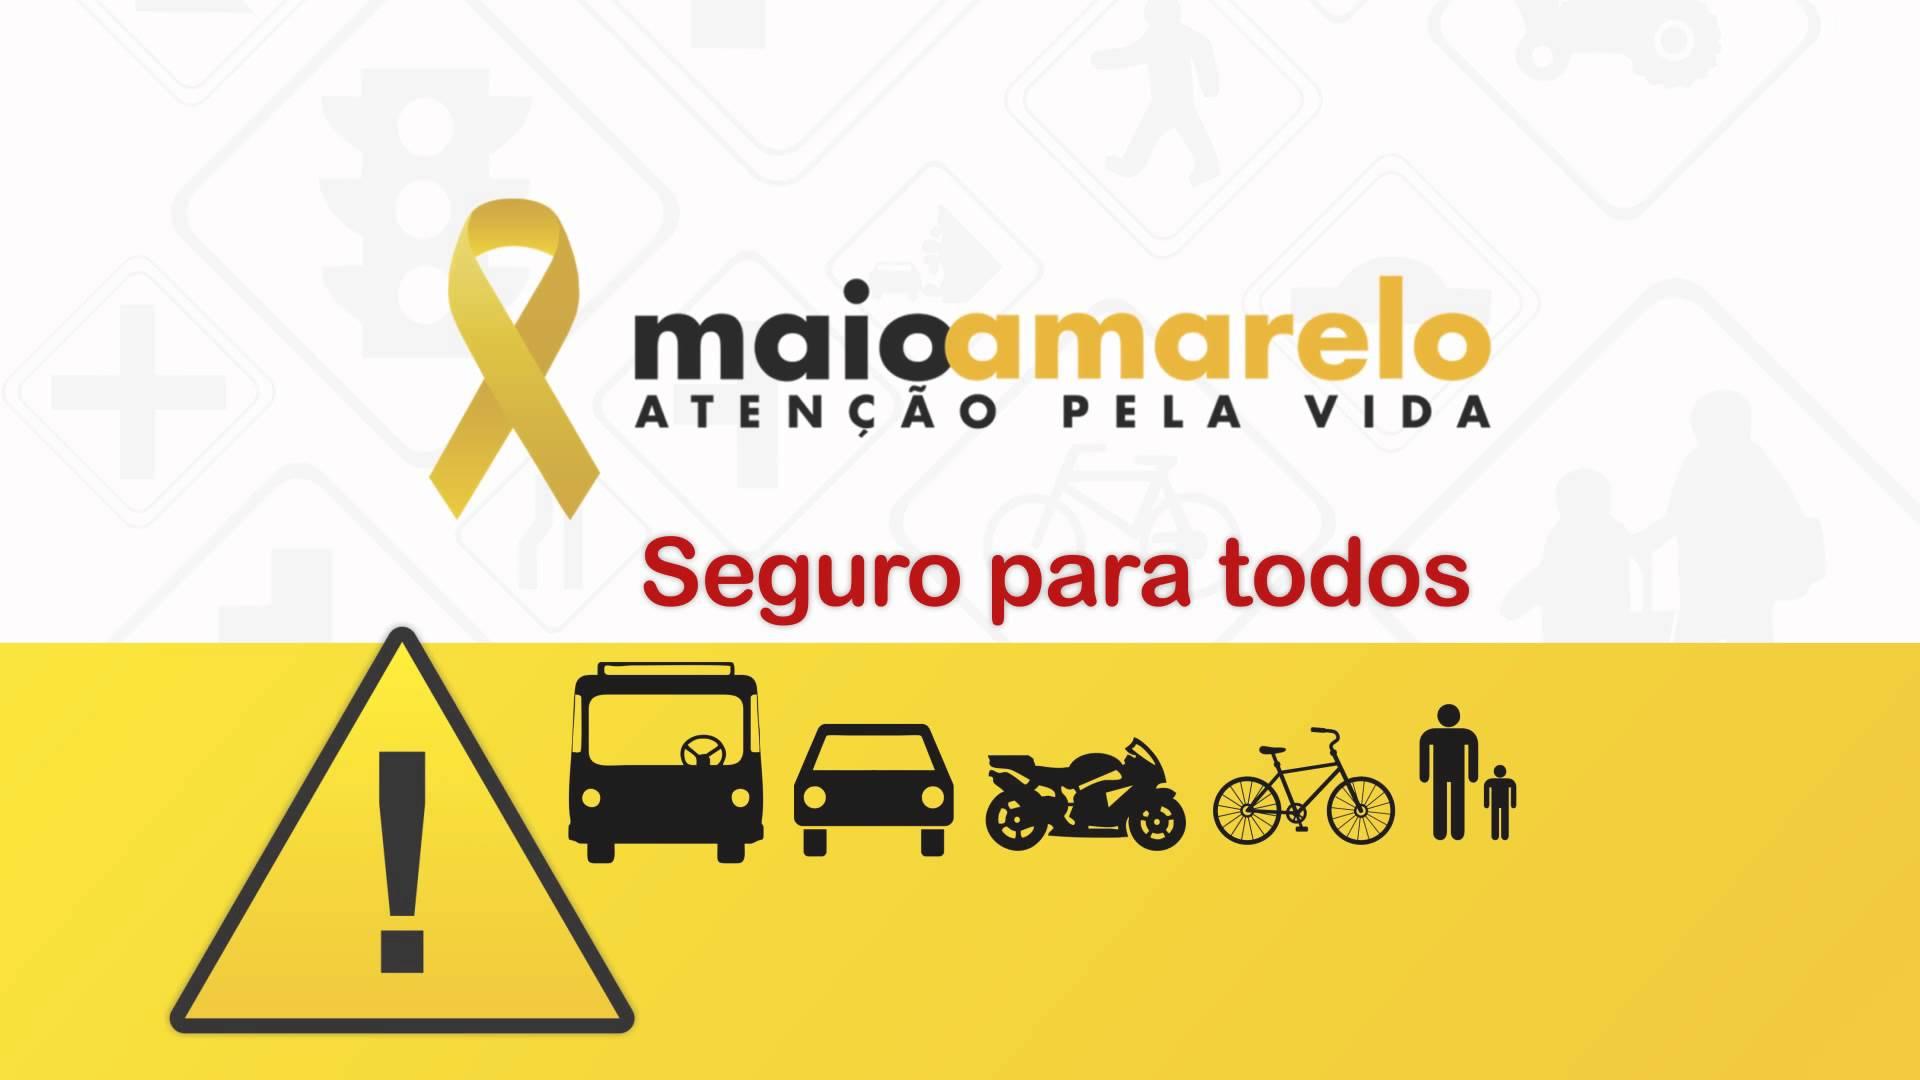 Maio Amarelo - #AtençãoPelaVida